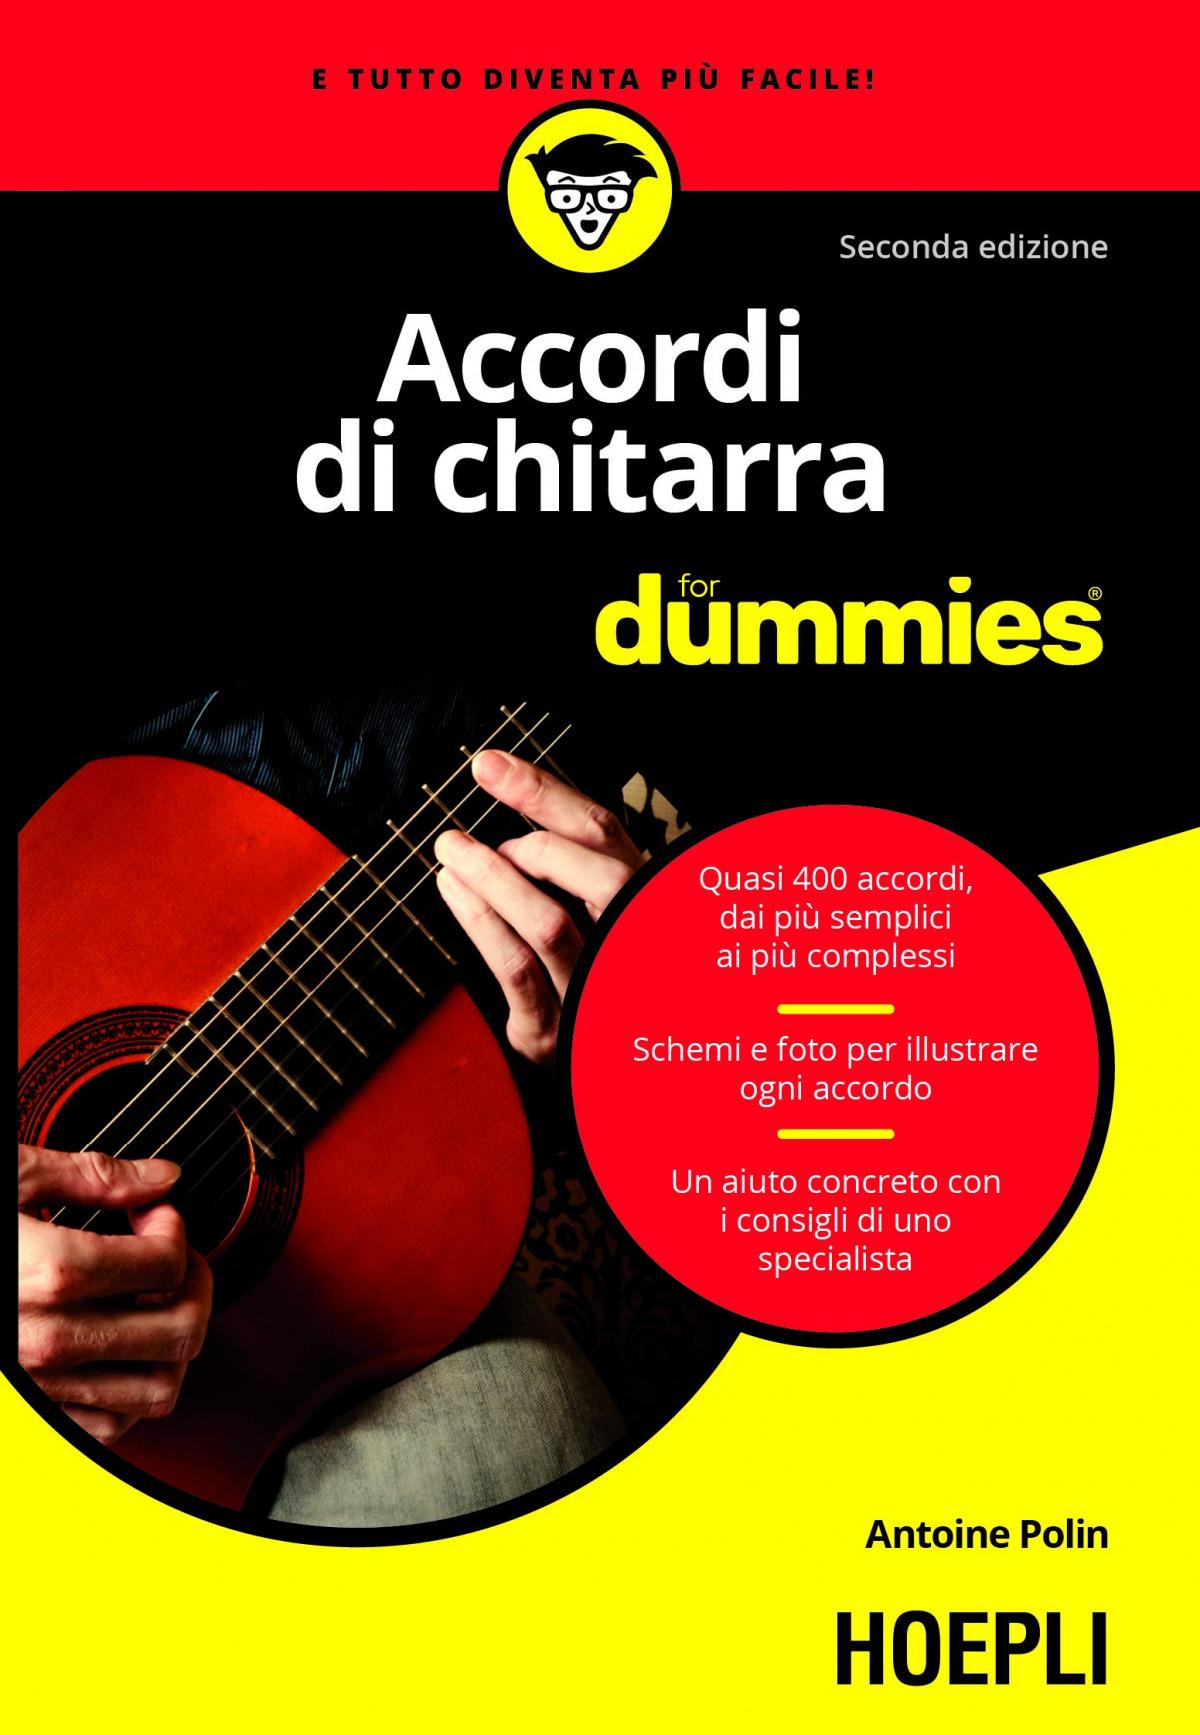 ACCORDI DI CHITARRA FOR DUMMIES